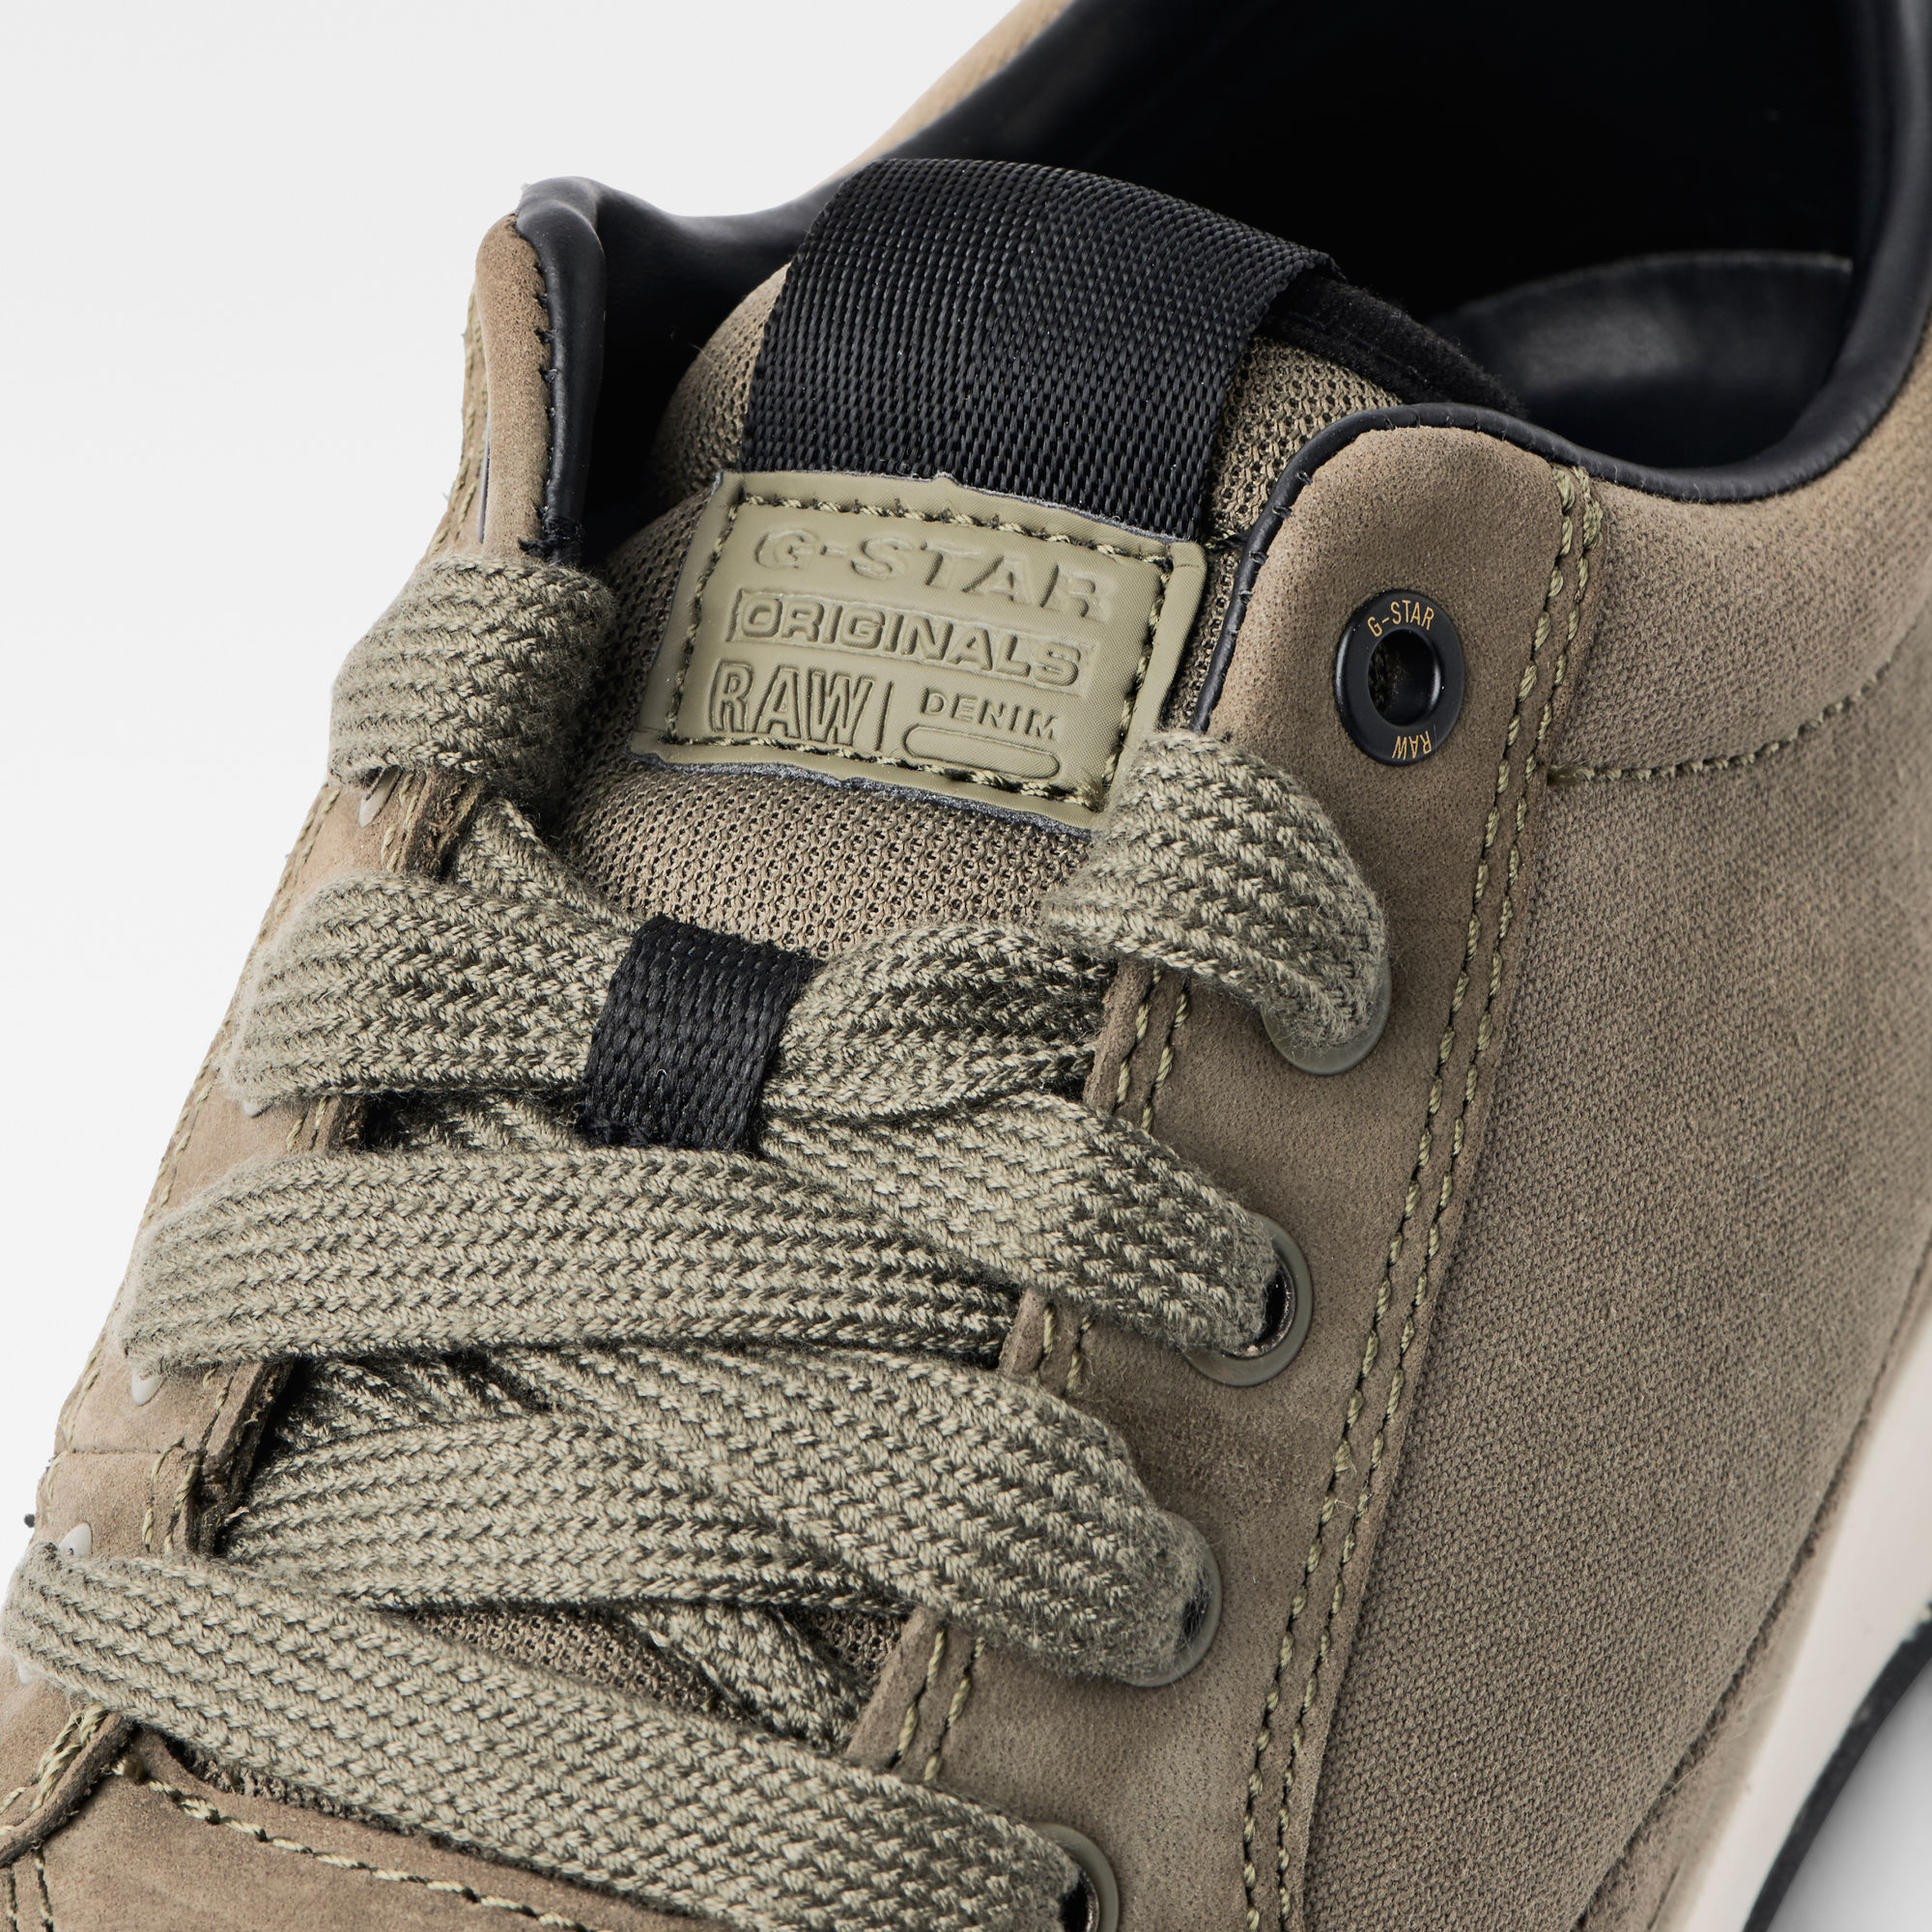 Rackam Yard Low Sneakers